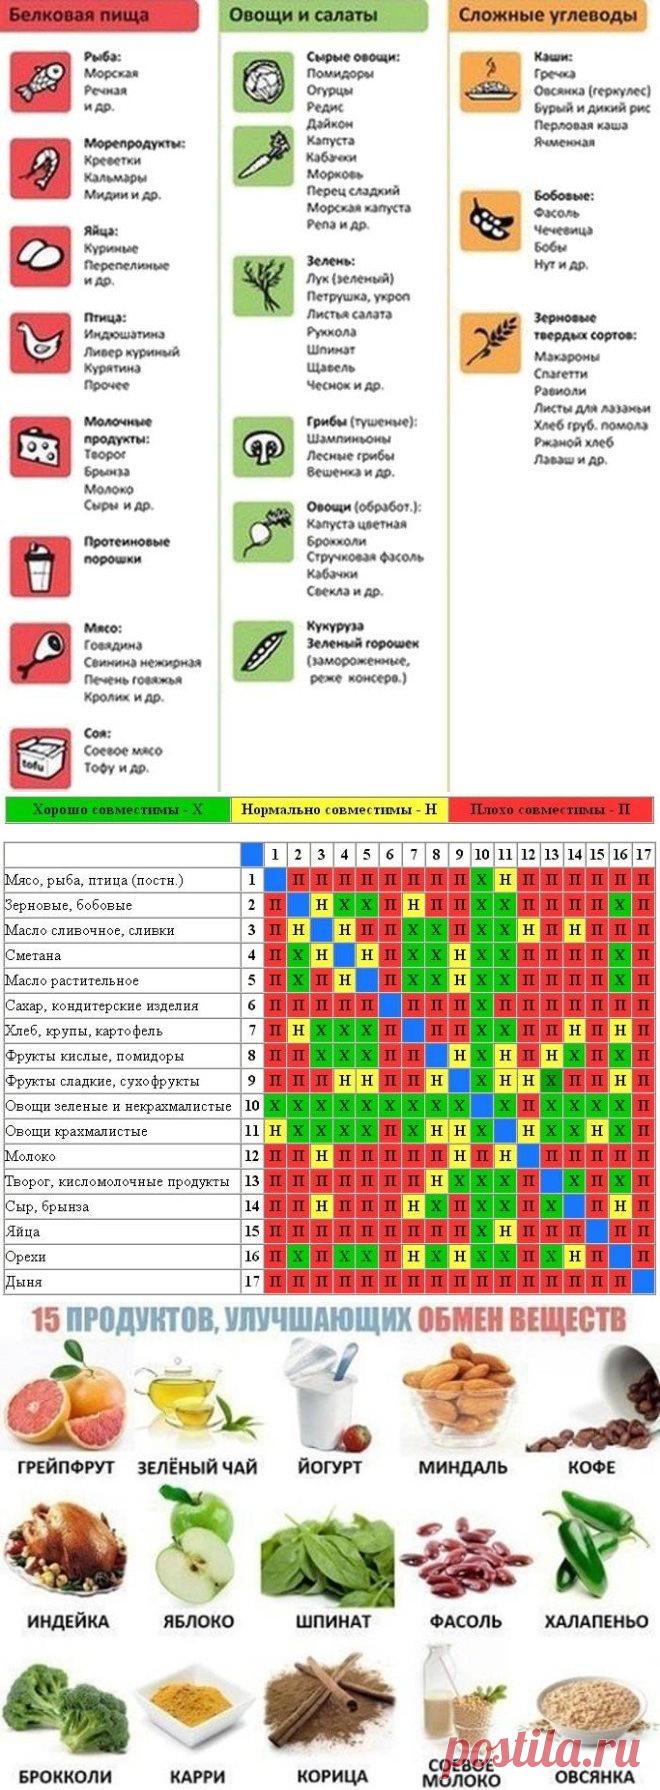 Интересно - 5 универсальных таблиц для контроля веса